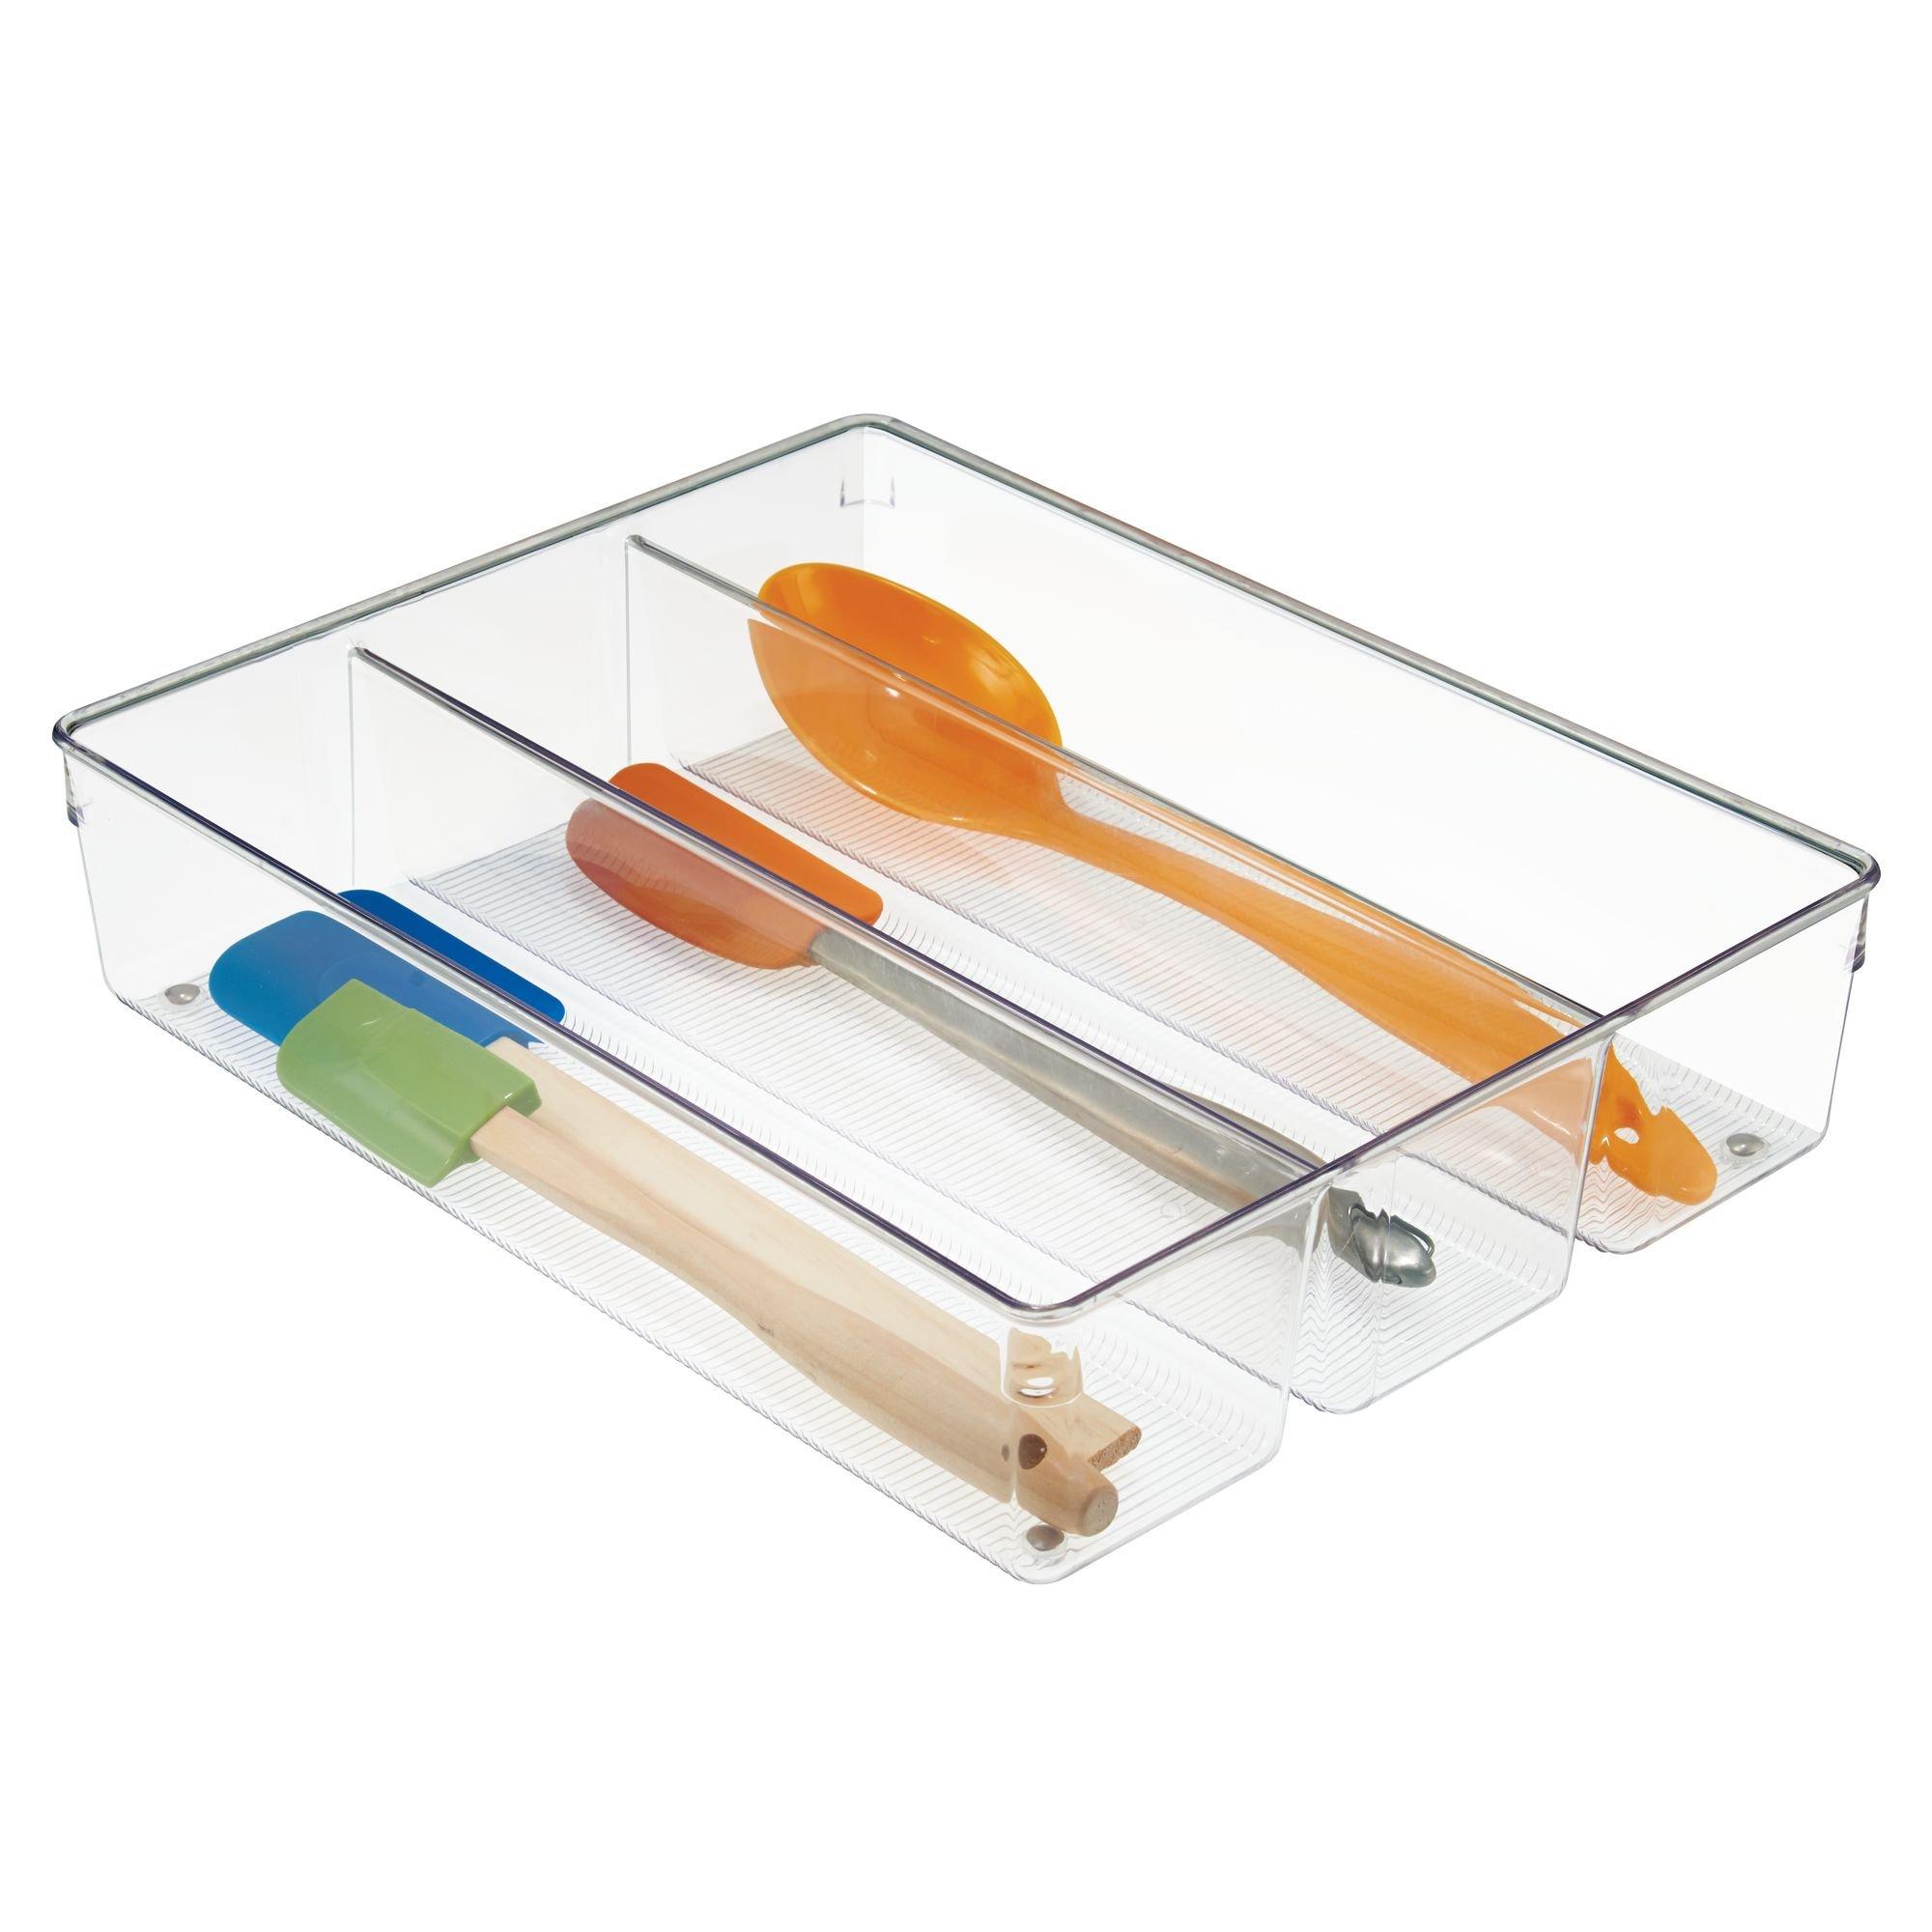 InterDesign Linus Kitchen Drawer Organizer for Silverware, Spatulas, Gadgets - 13.8'' x 10.5'' x 3'', Clear